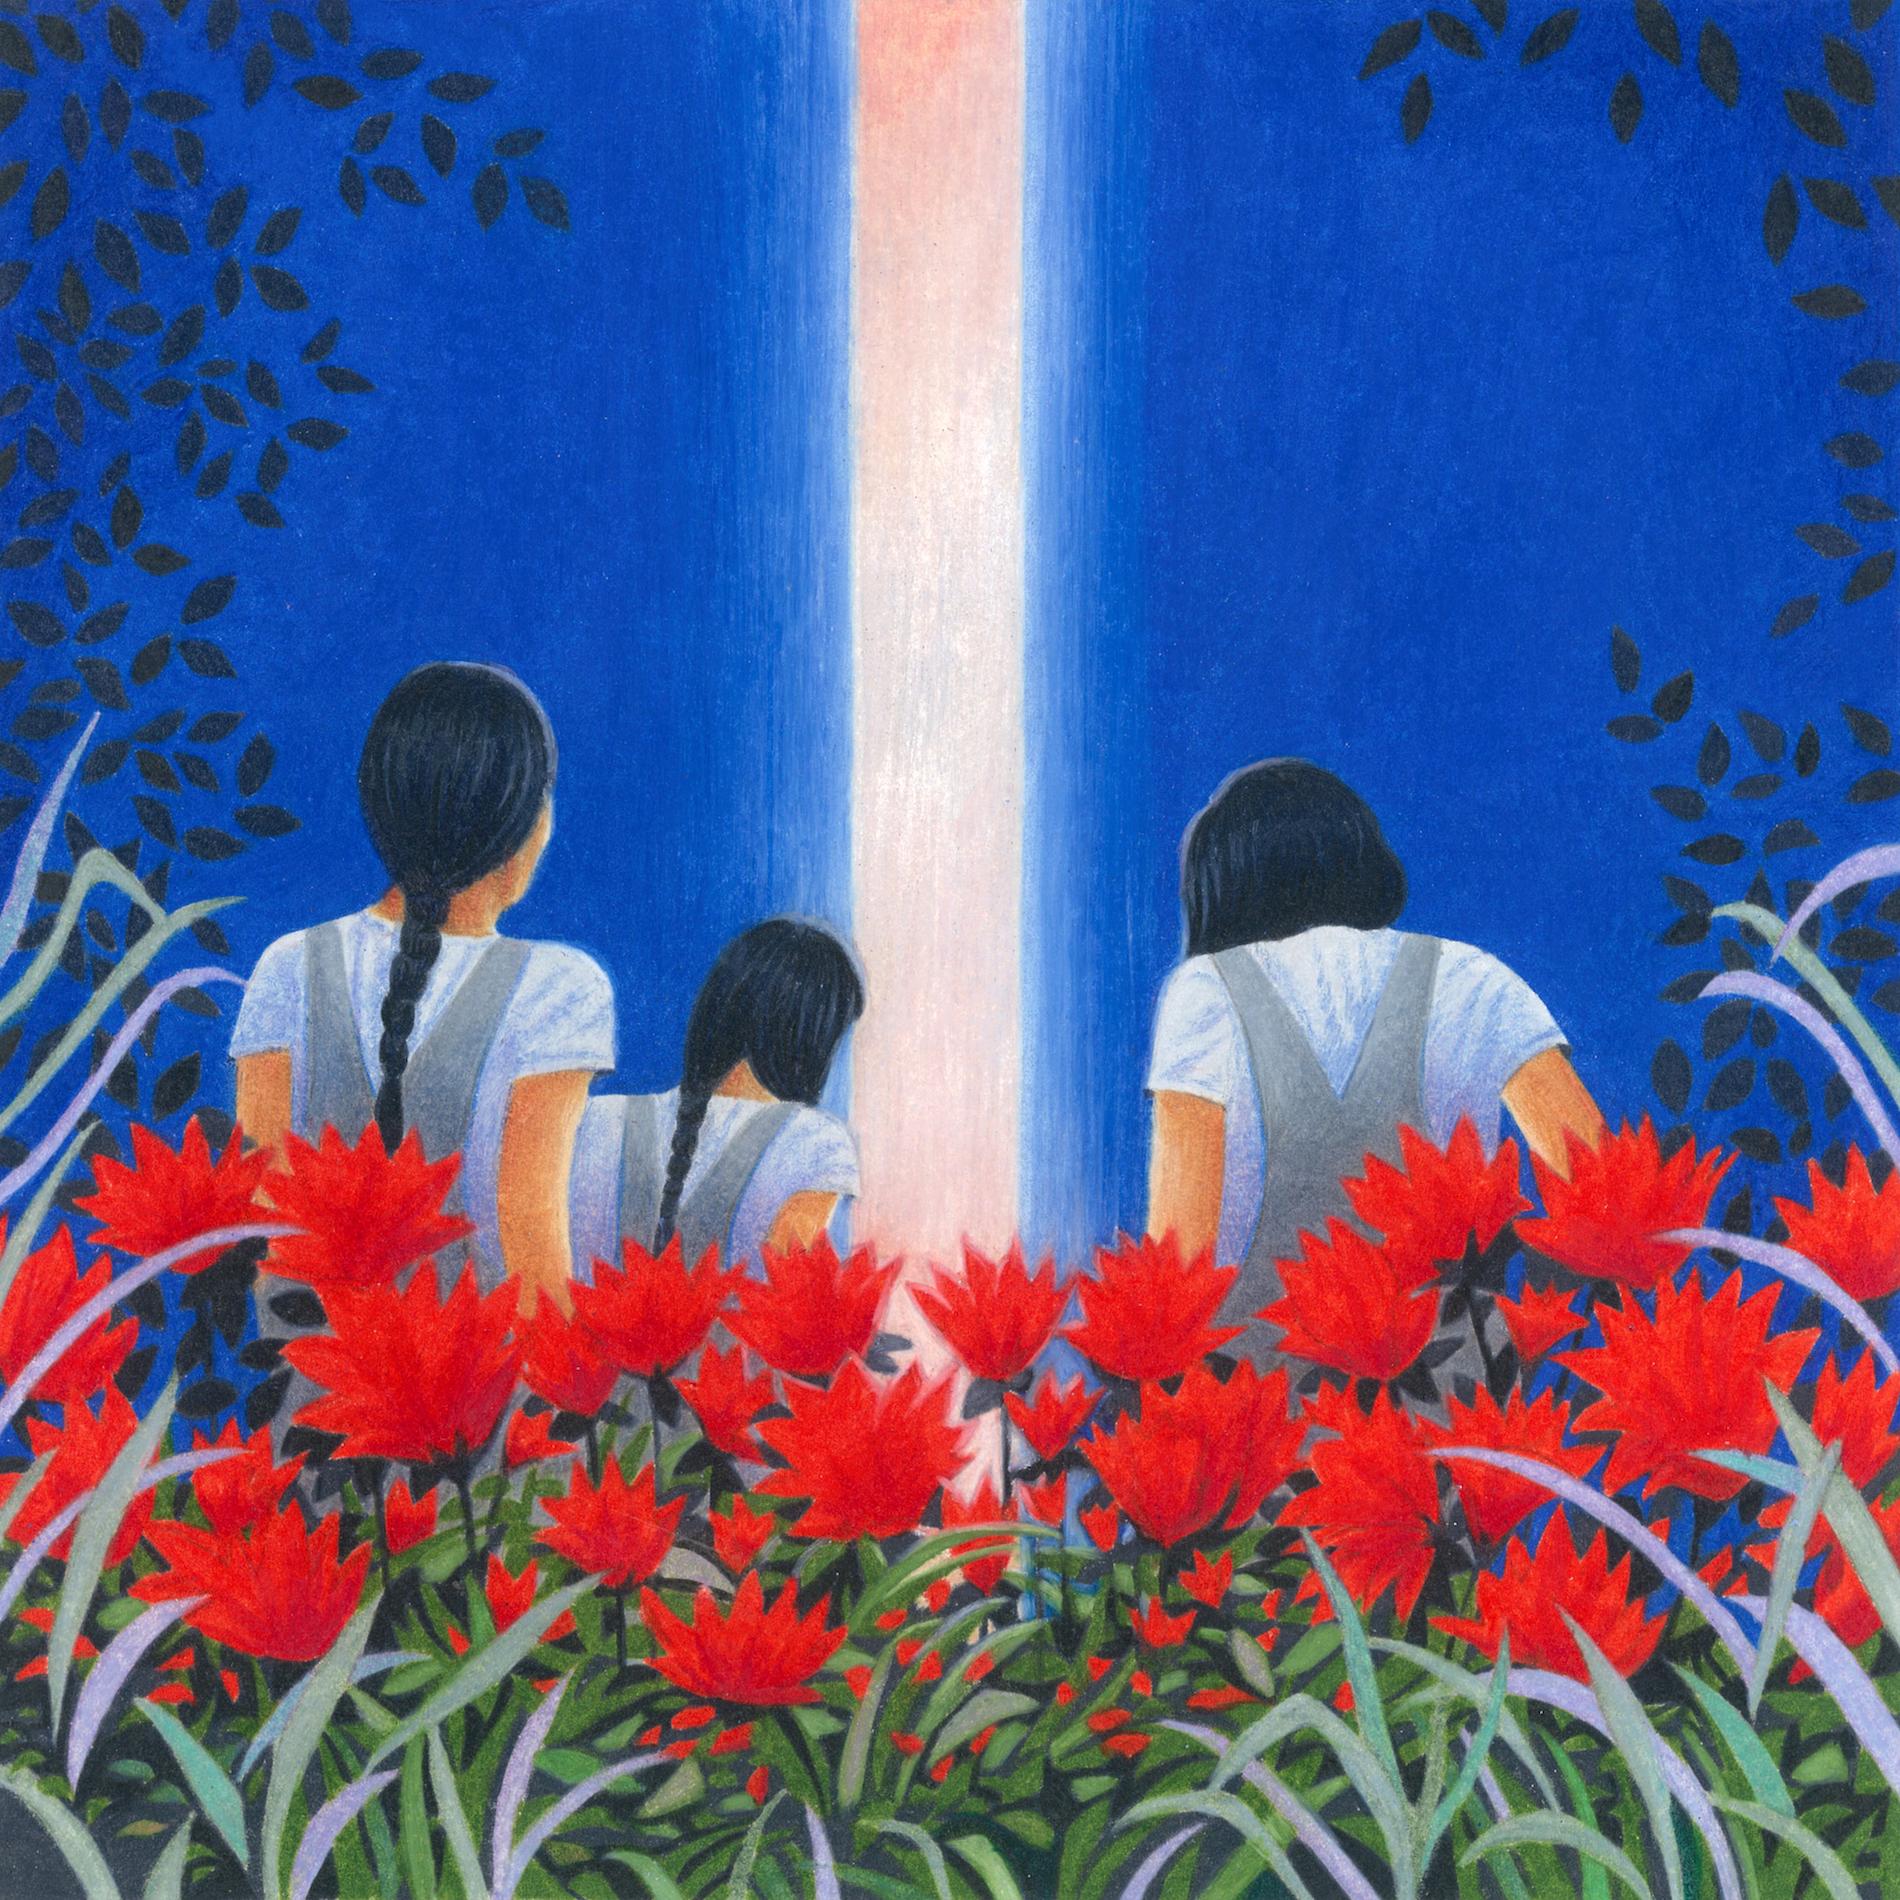 rayon de lumière, trois femmes brunes, fleurs rouges